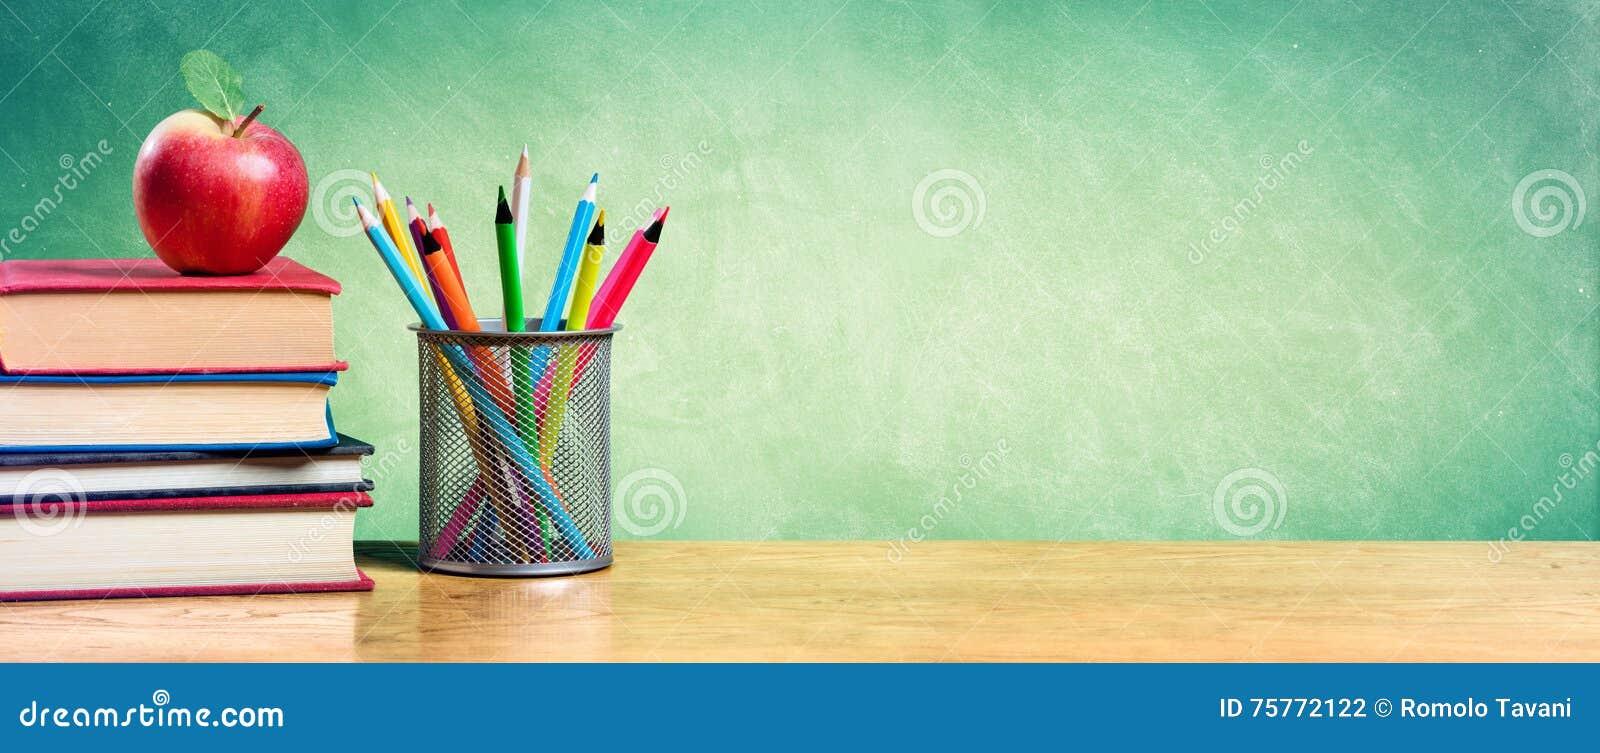 Apple auf Stapel Büchern mit Bleistiften und leerer Tafel